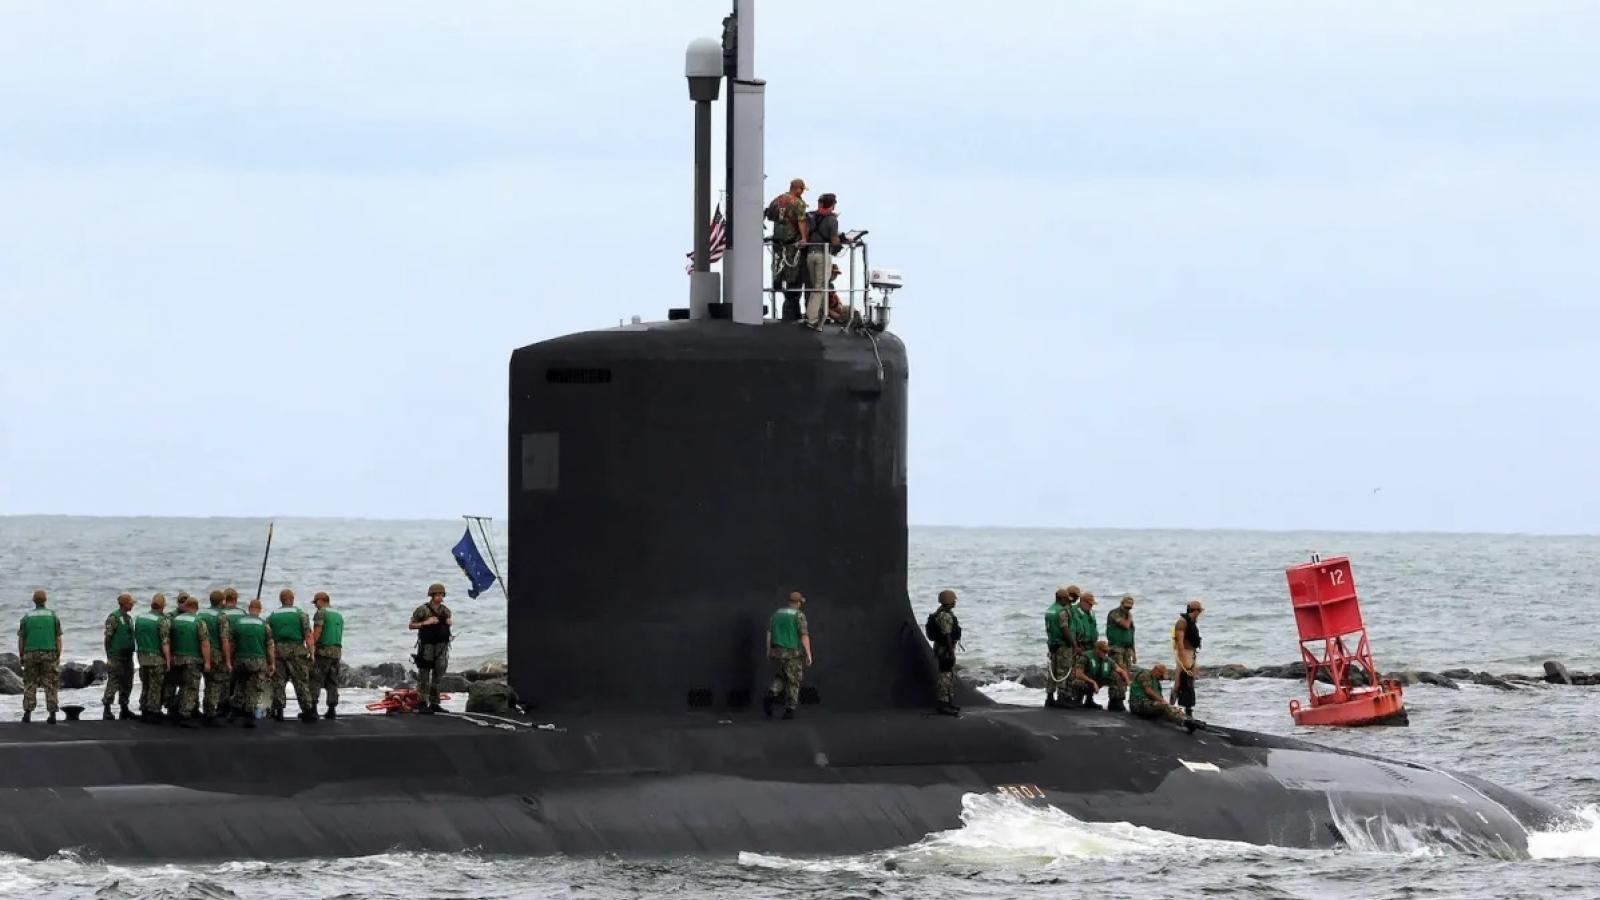 Thỏa thuận tàu ngầm hạt nhân Mỹ-Australia khiến NATO và Pháp rúng động